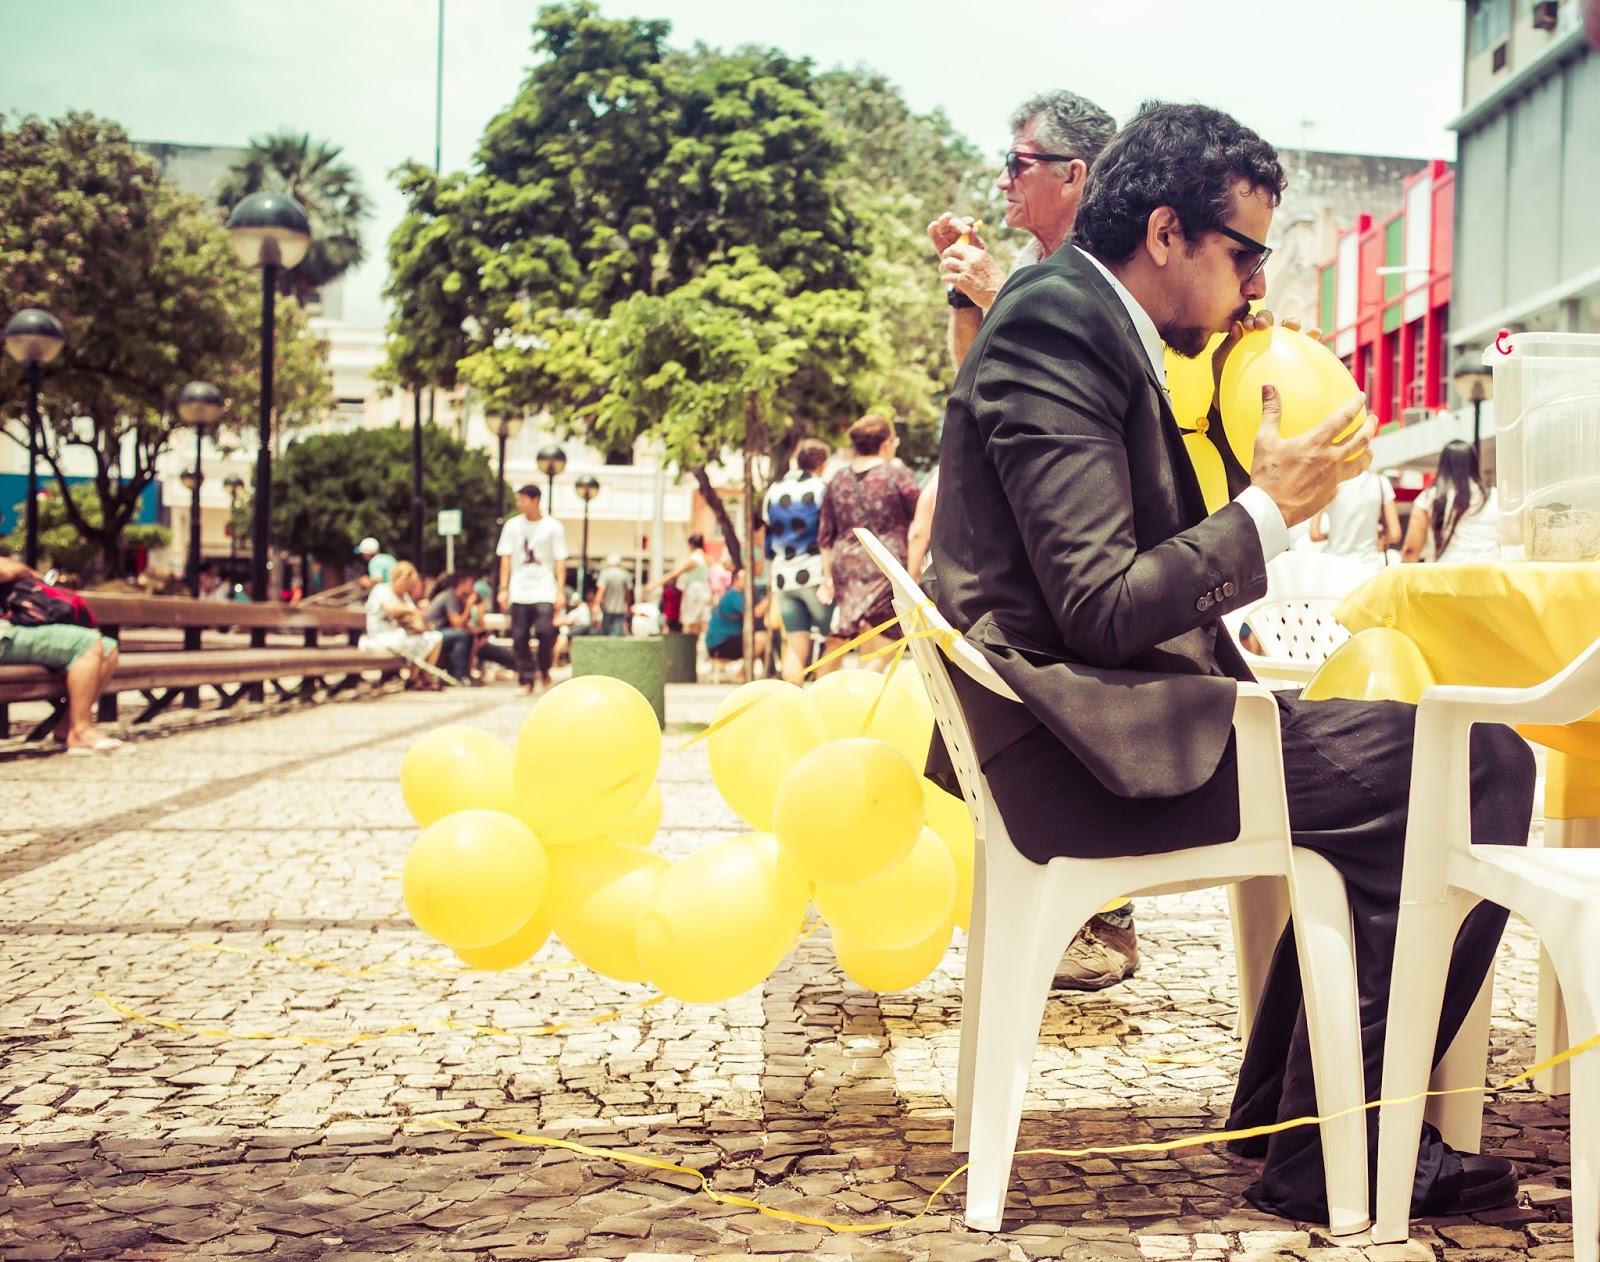 e598bd7956f9b Festival de performance ocupa ruas, praças e avenidas de Fortaleza